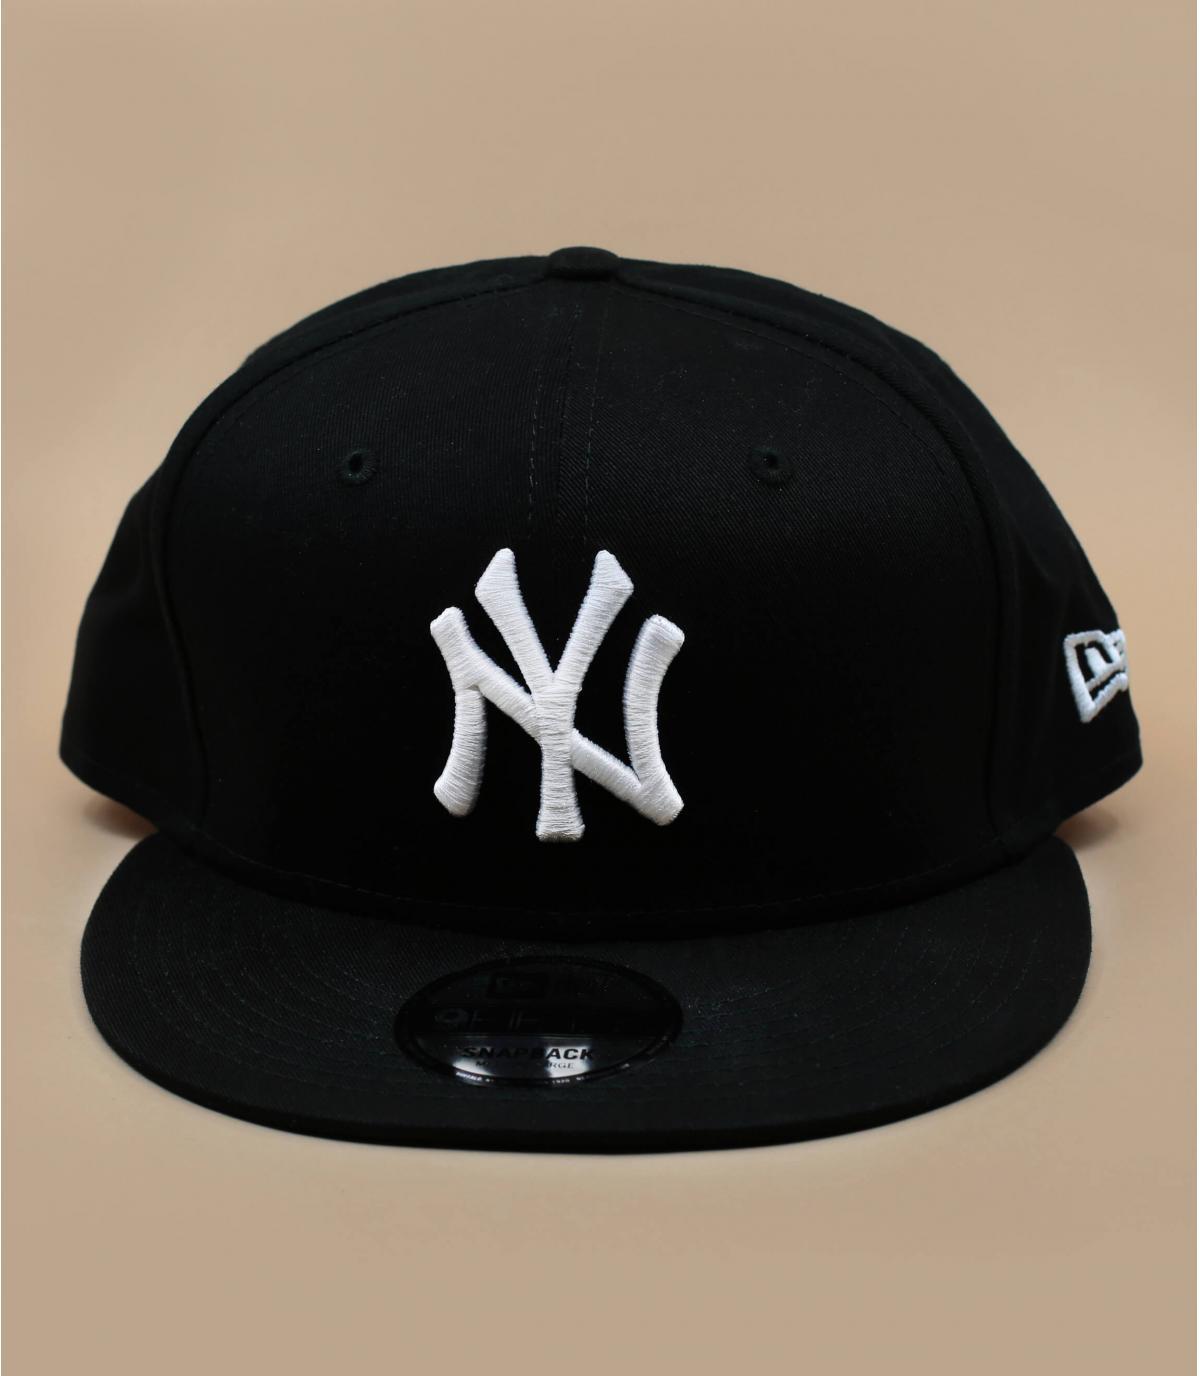 NY Snapback New Era - Snapback NY MLB black white by New Era. Headict 2d95dc001e2